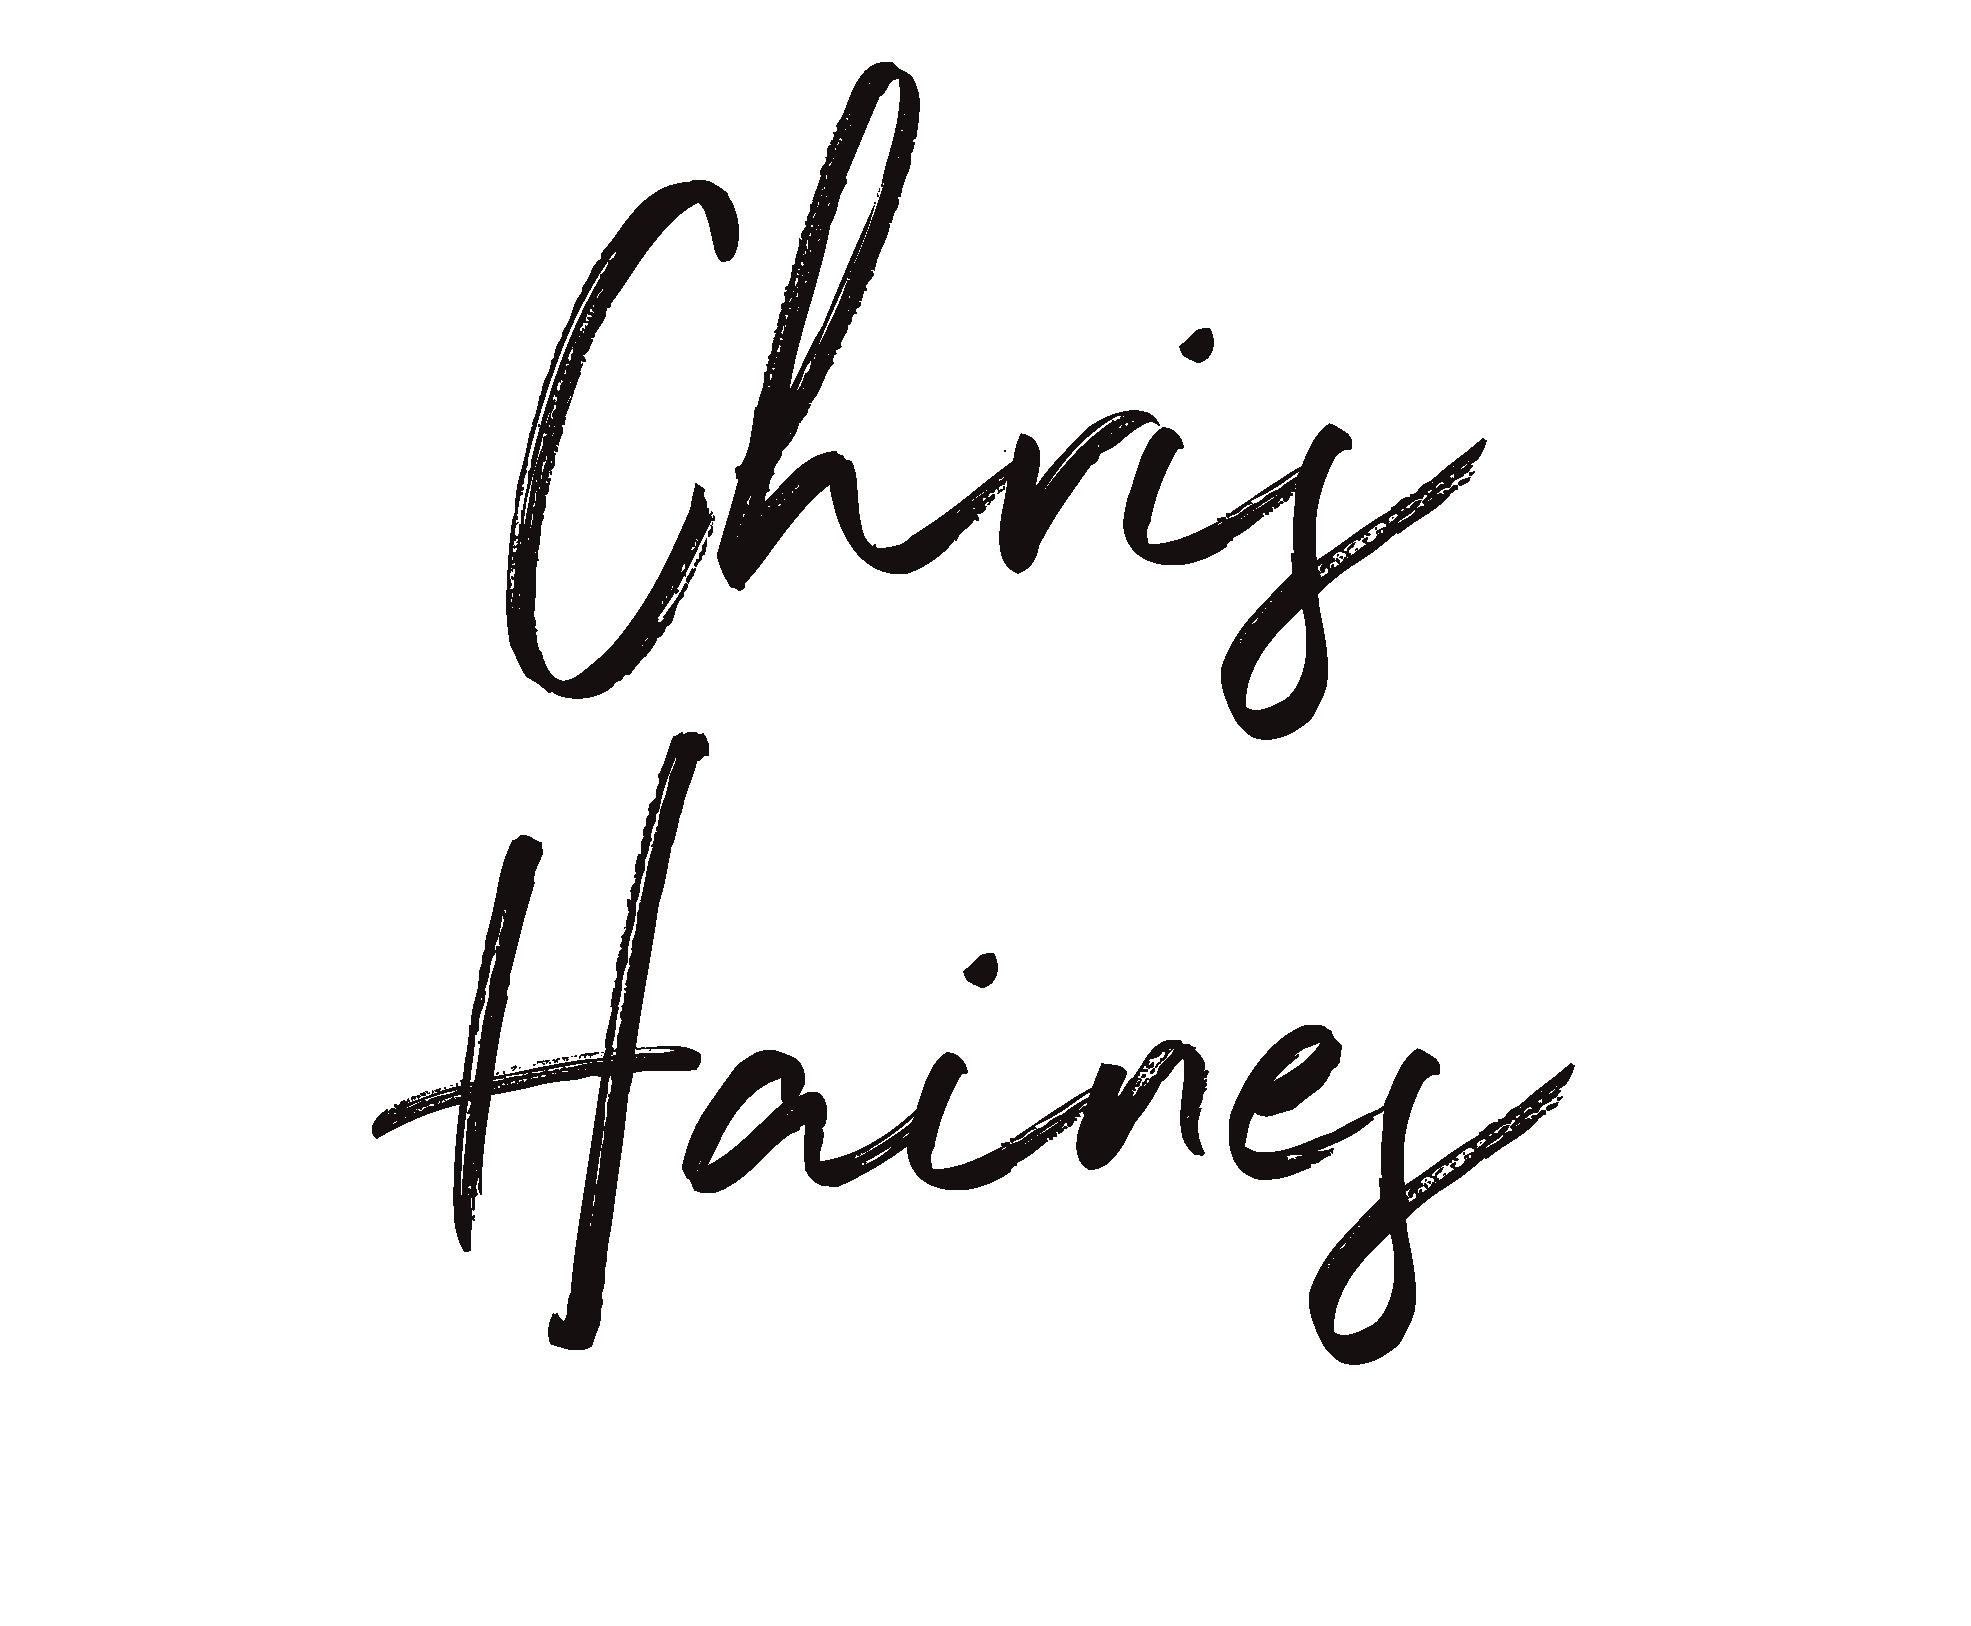 Chris-65.png